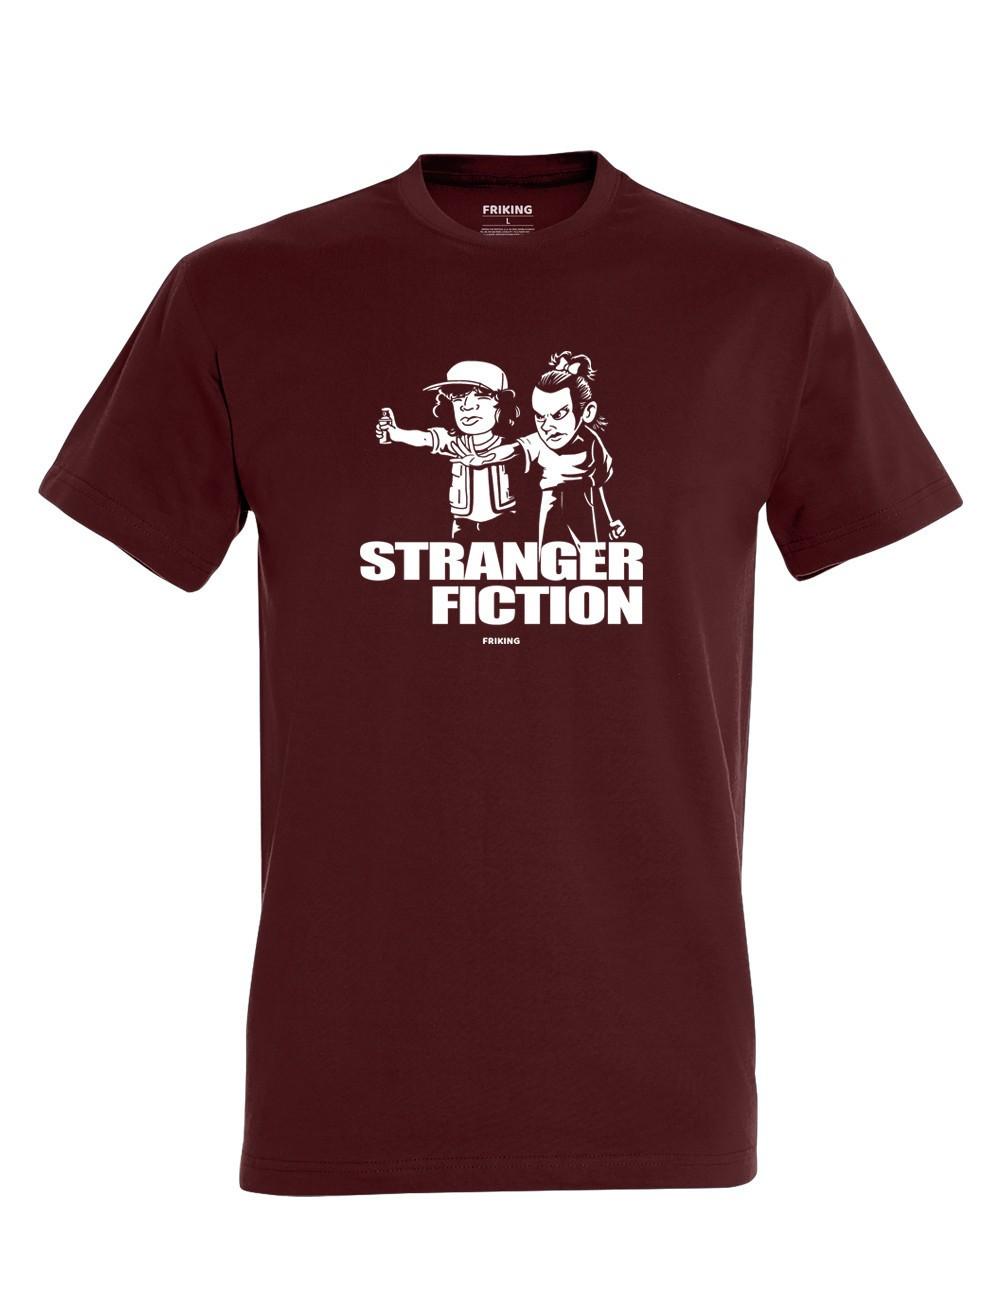 Stranger fiction